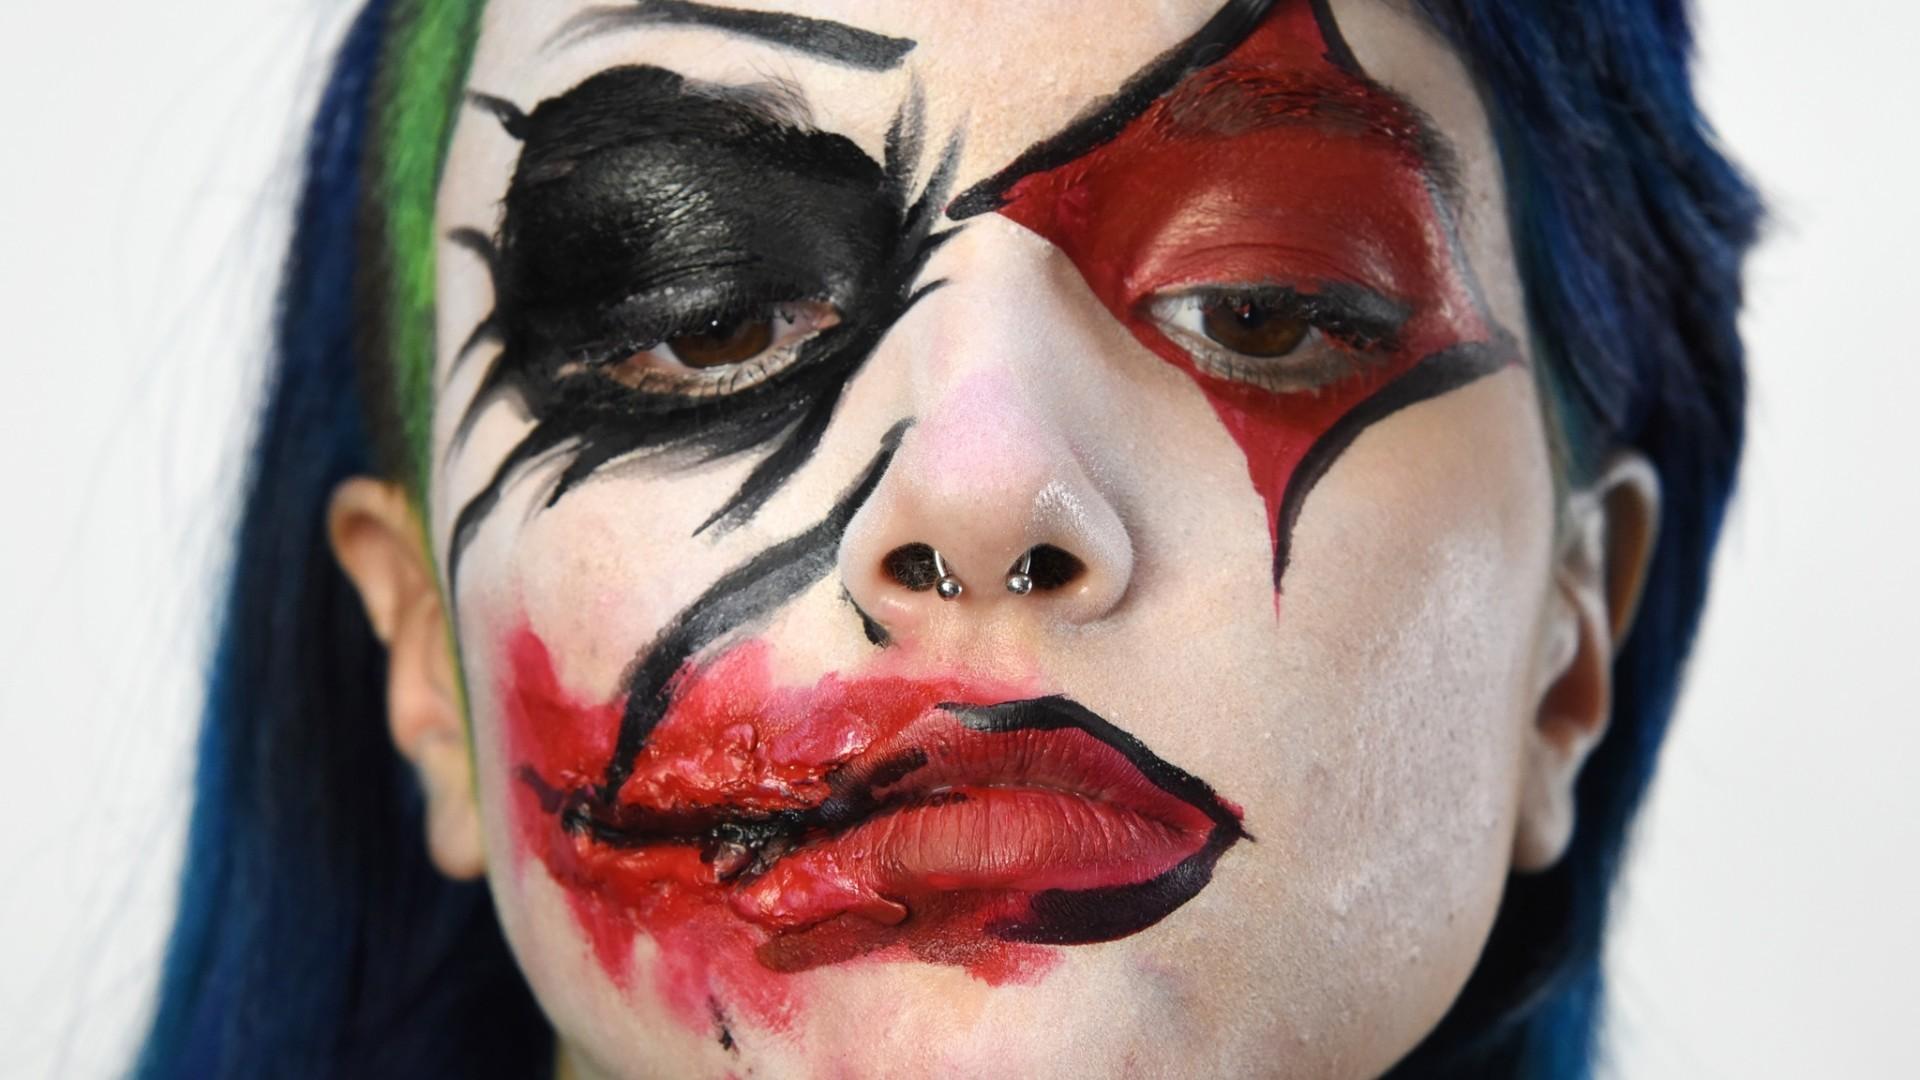 diy halloween makeup: joker/harley quinn - baltimore sun